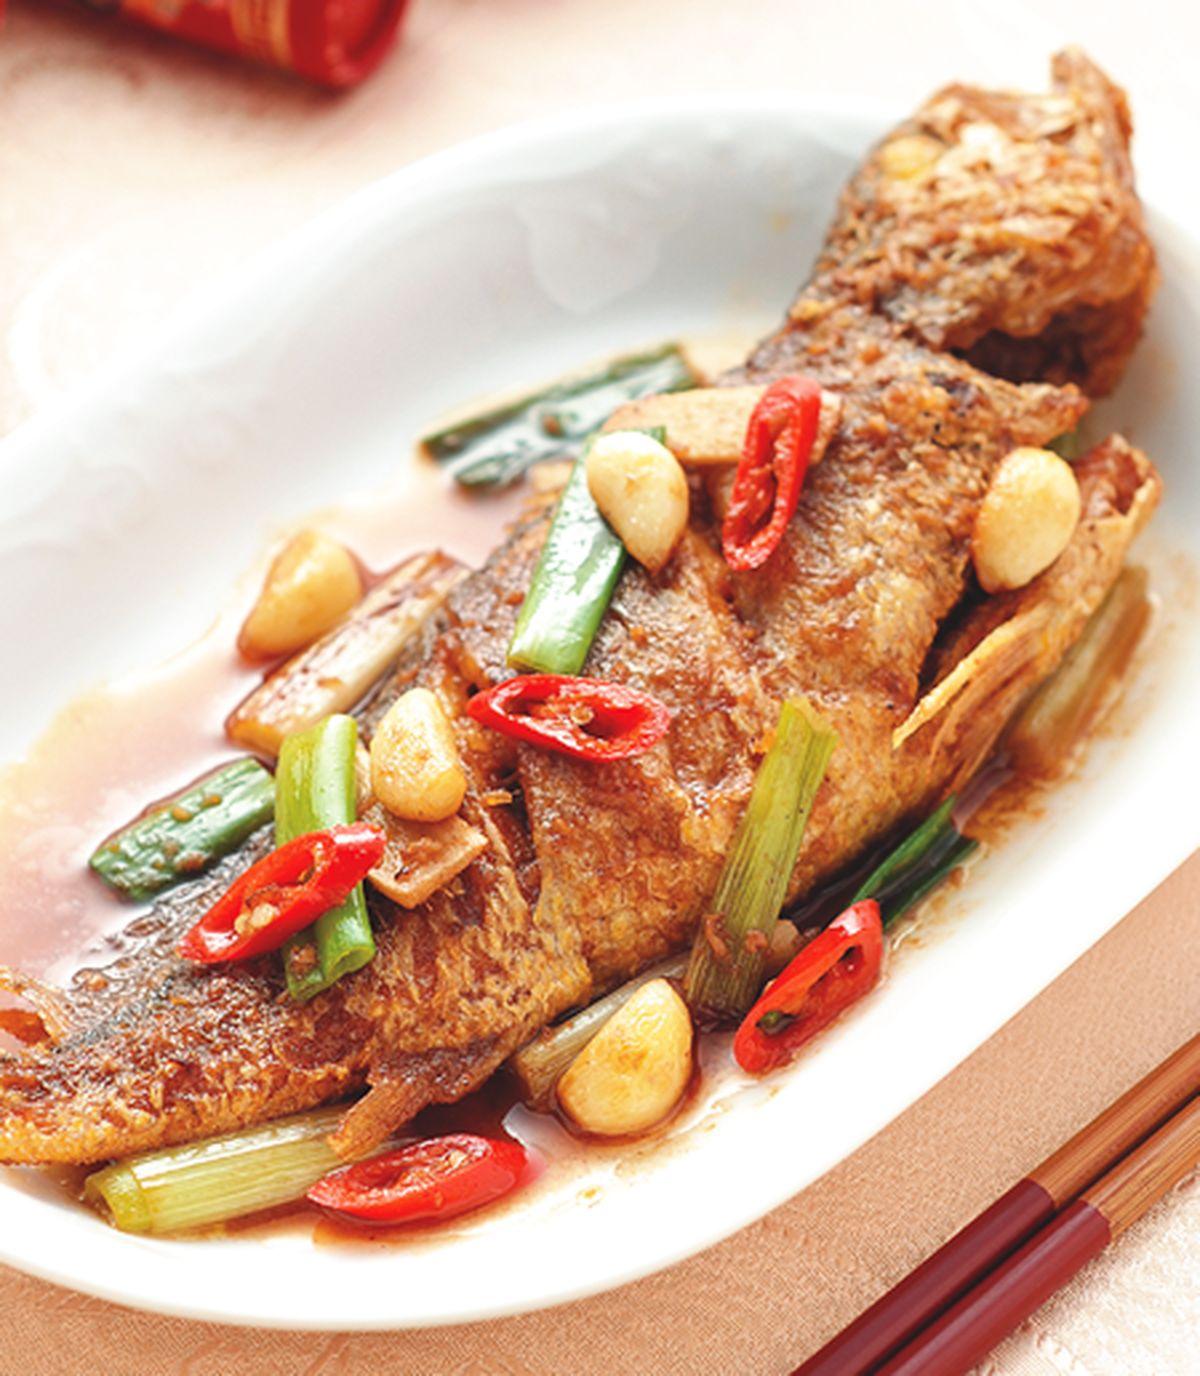 食譜:蔥辣燒黃魚